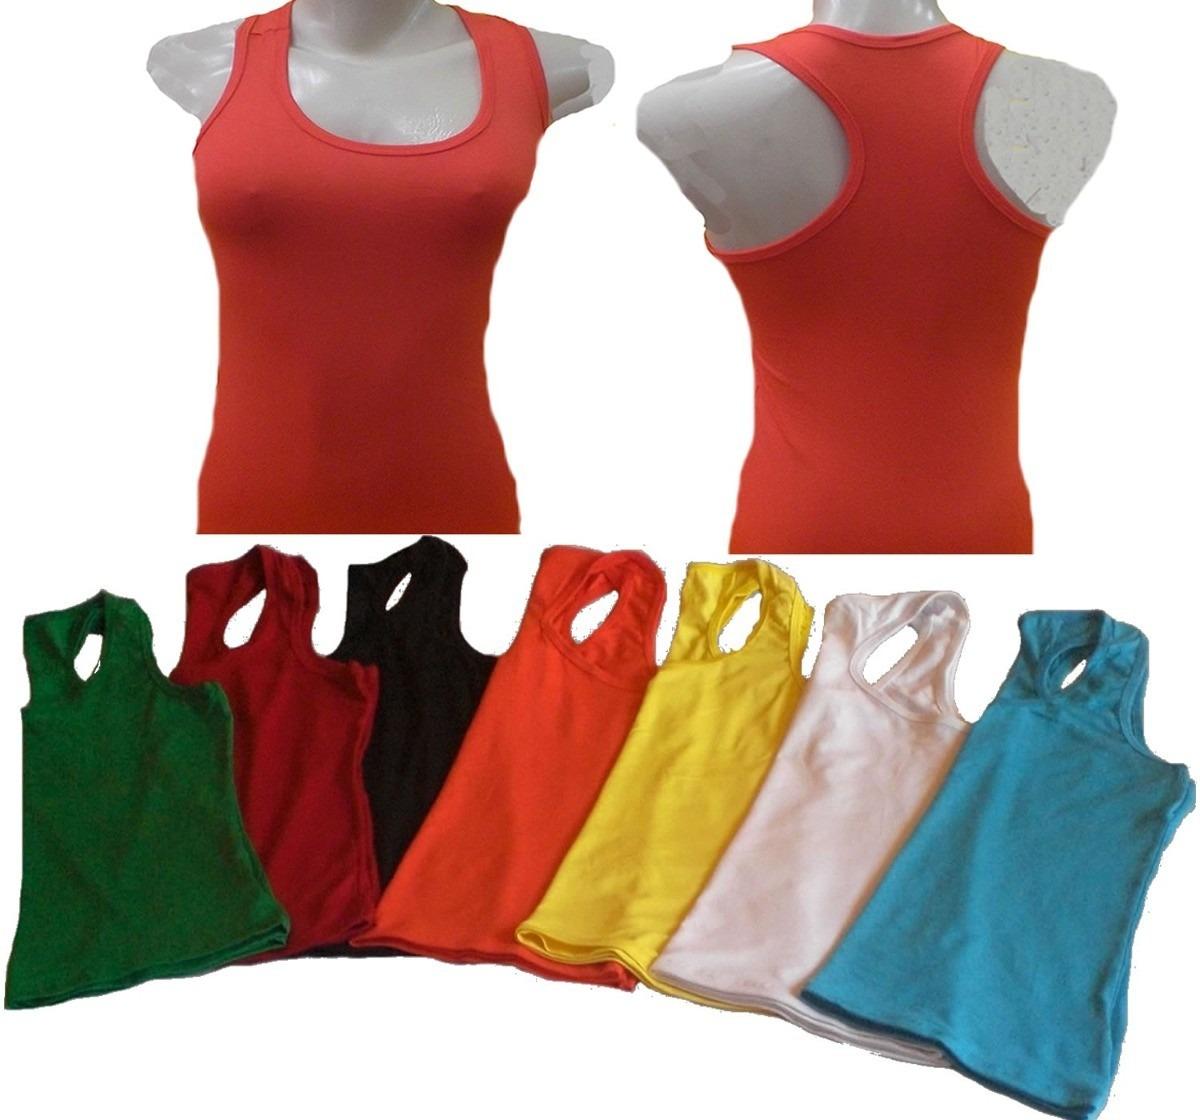 6af7abd2c1a4d 4x Camiseta Blusa Regata Nadador Algodão cotton Realengo - R  45